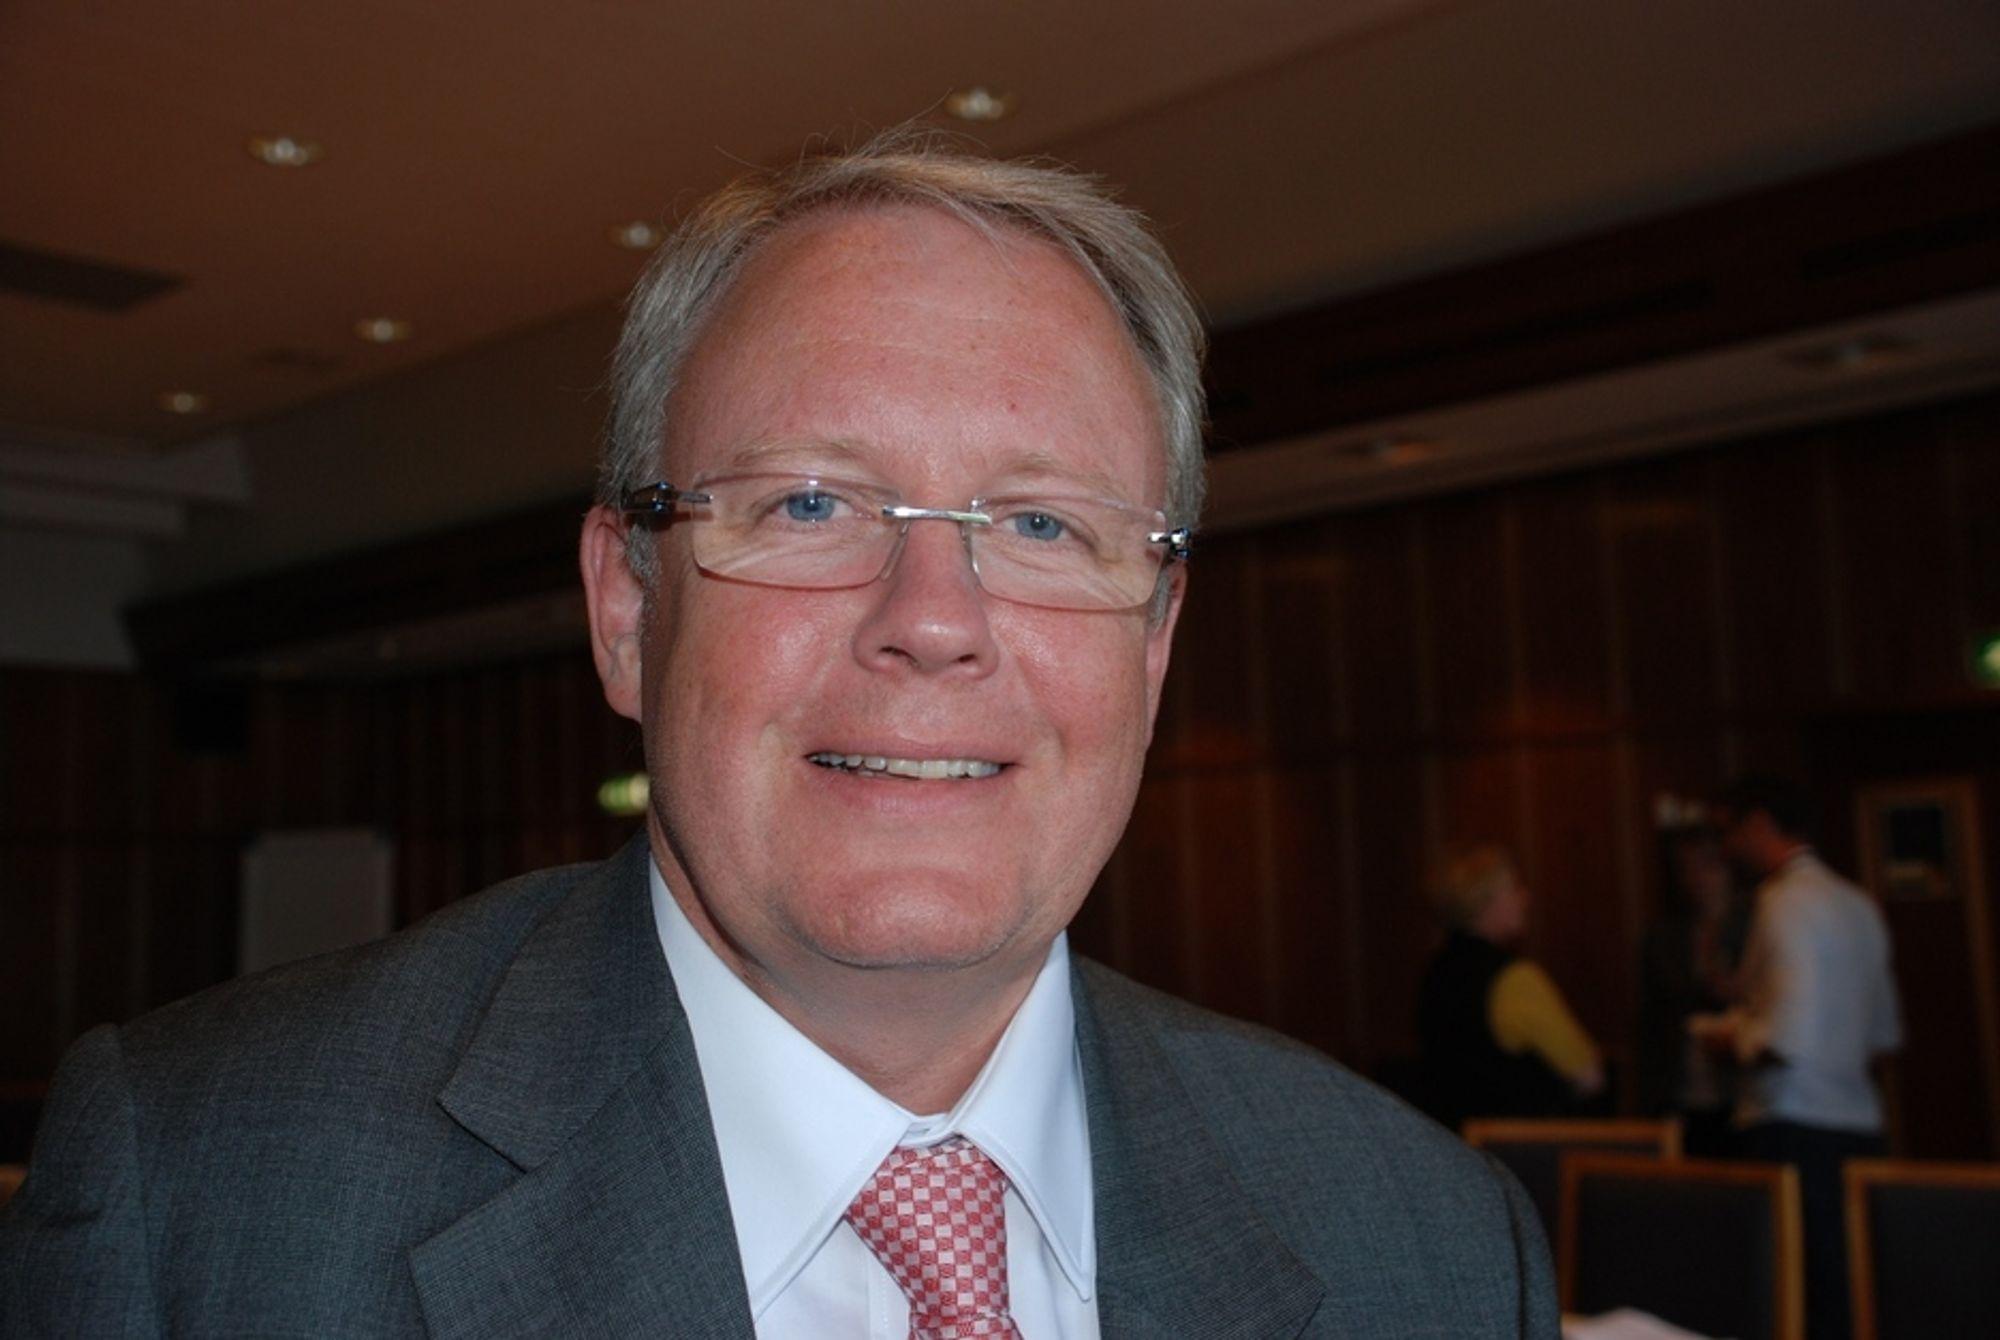 PÅ HANDLETUR: Per Otto Dyb i SIemens har kjøpt opp to betydelige aktører i subseamarkedet.